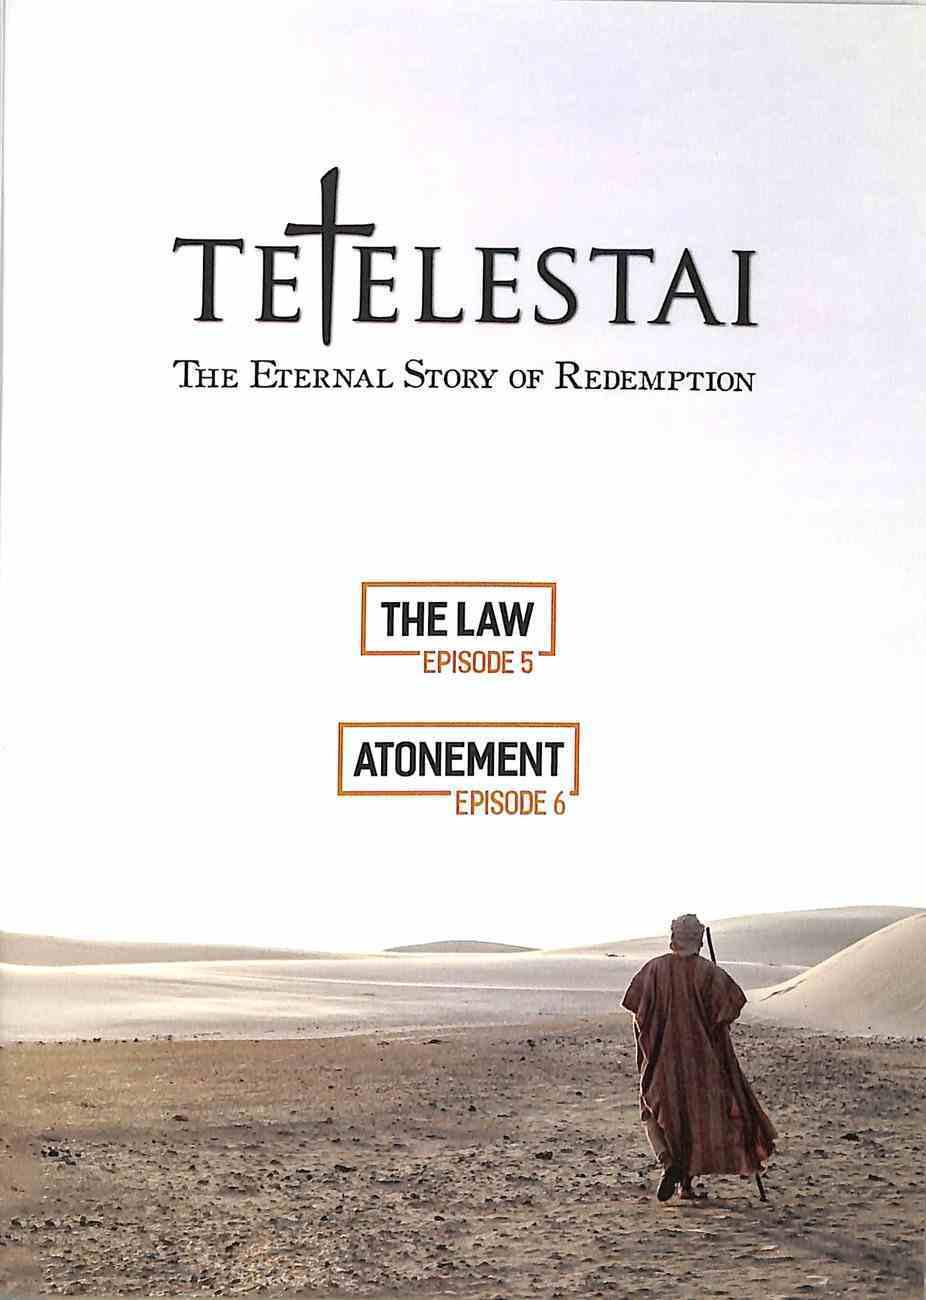 Tetelestai Episodes 5 & 6 (The Law & Atonement) DVD